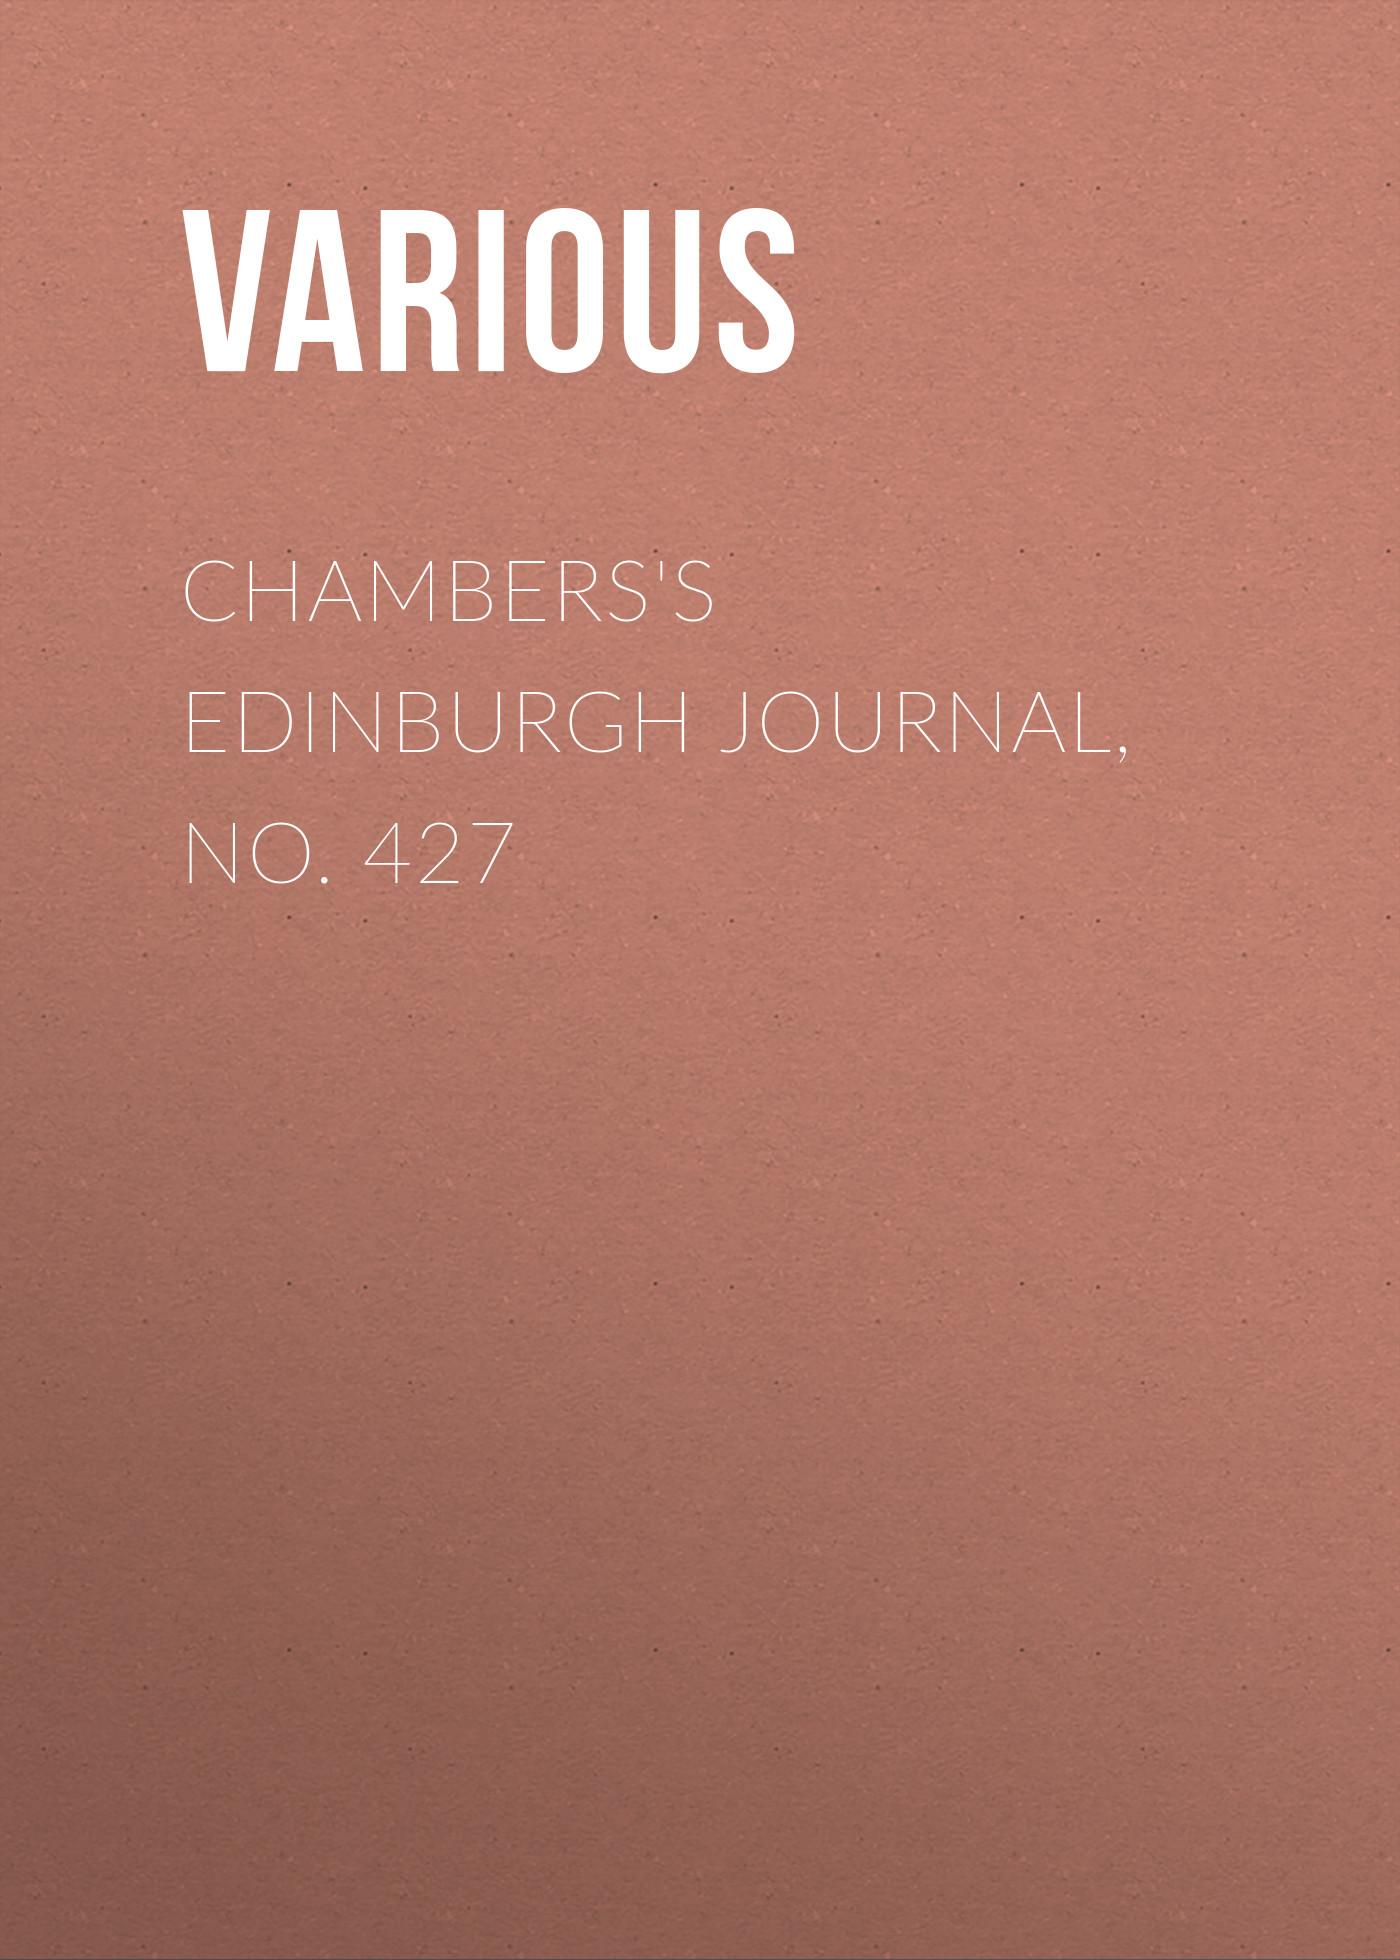 Chambers\'s Edinburgh Journal, No. 427 ( Various  )